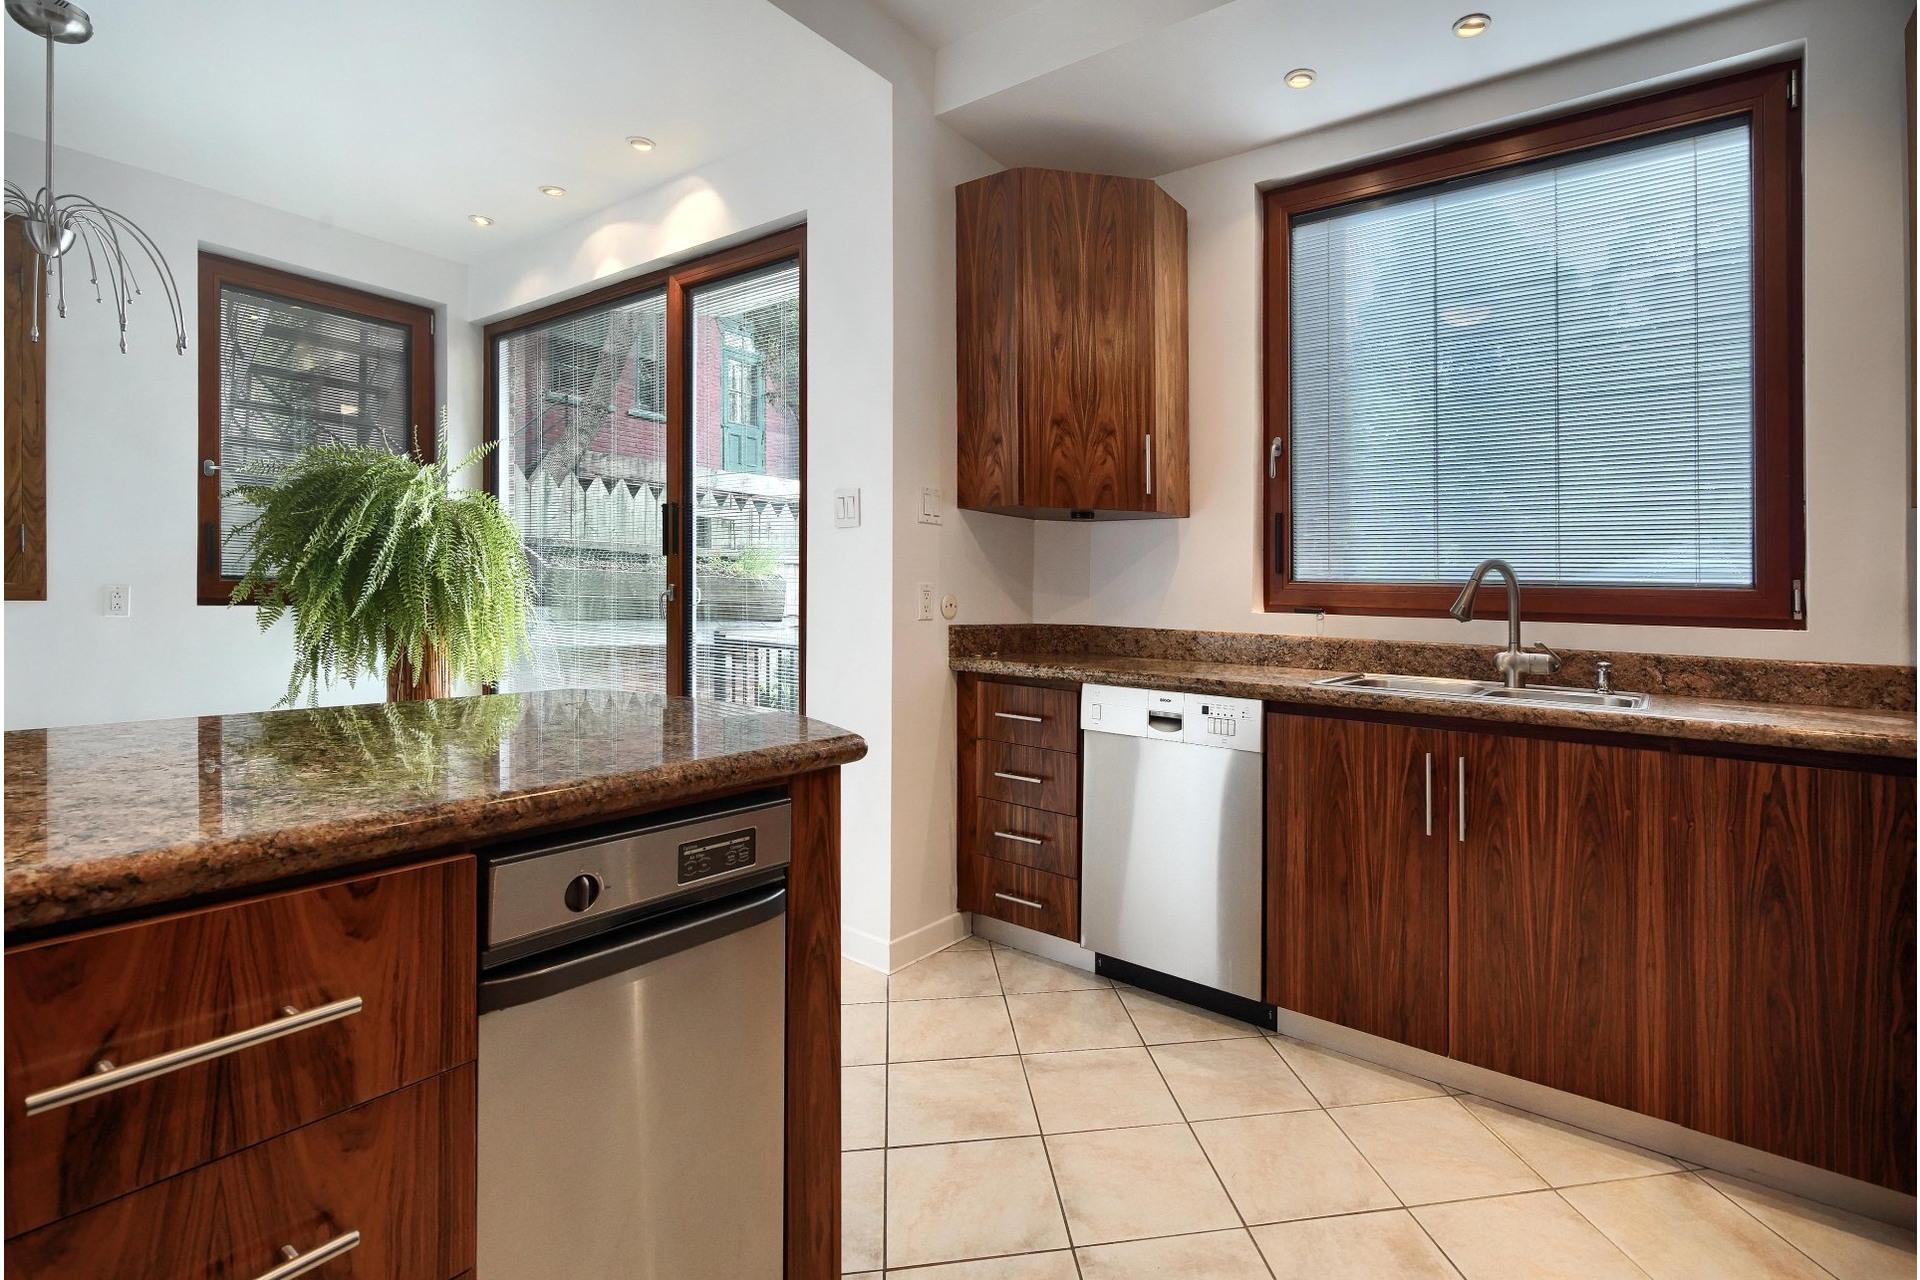 image 7 - Apartment For rent Ville-Marie Montréal  - 10 rooms